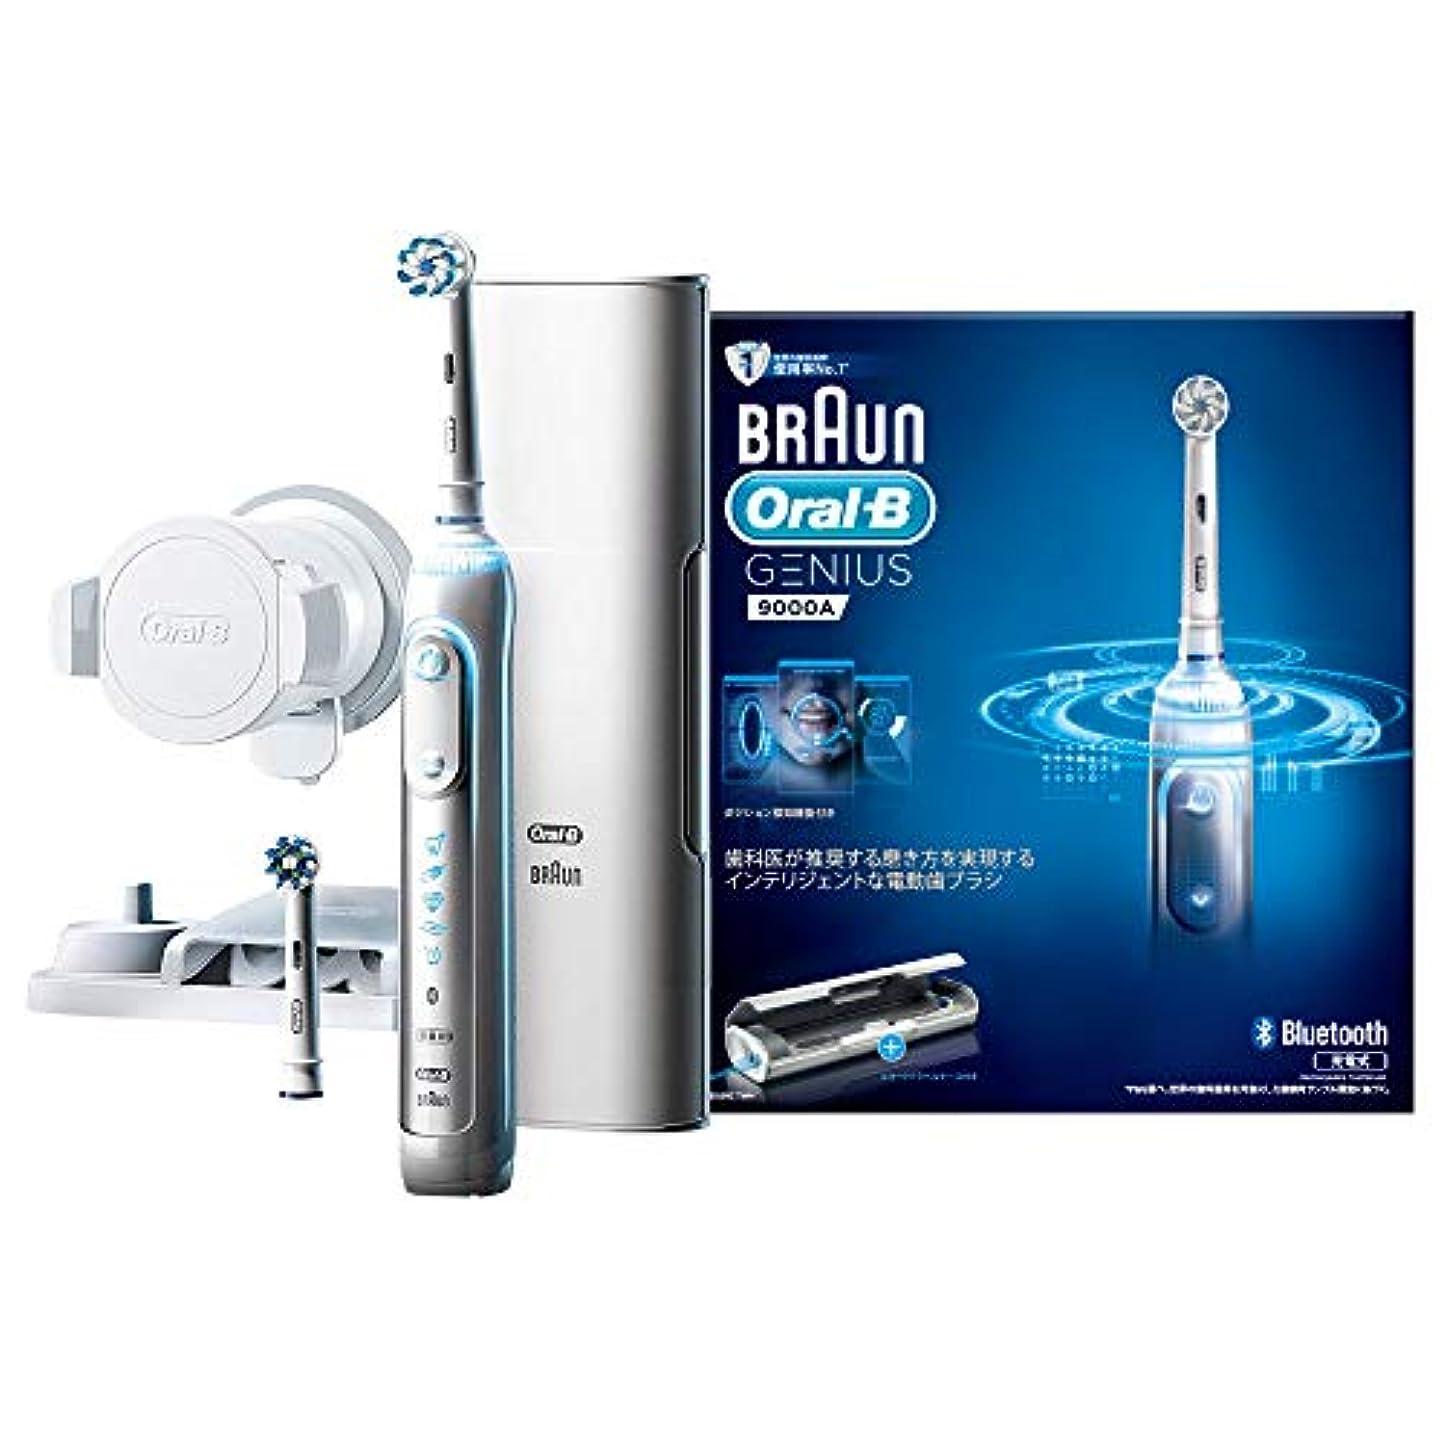 詩ハム貨物ブラウン オーラルB 電動歯ブラシ ジーニアス9000 ホワイト D7015256XCTWH